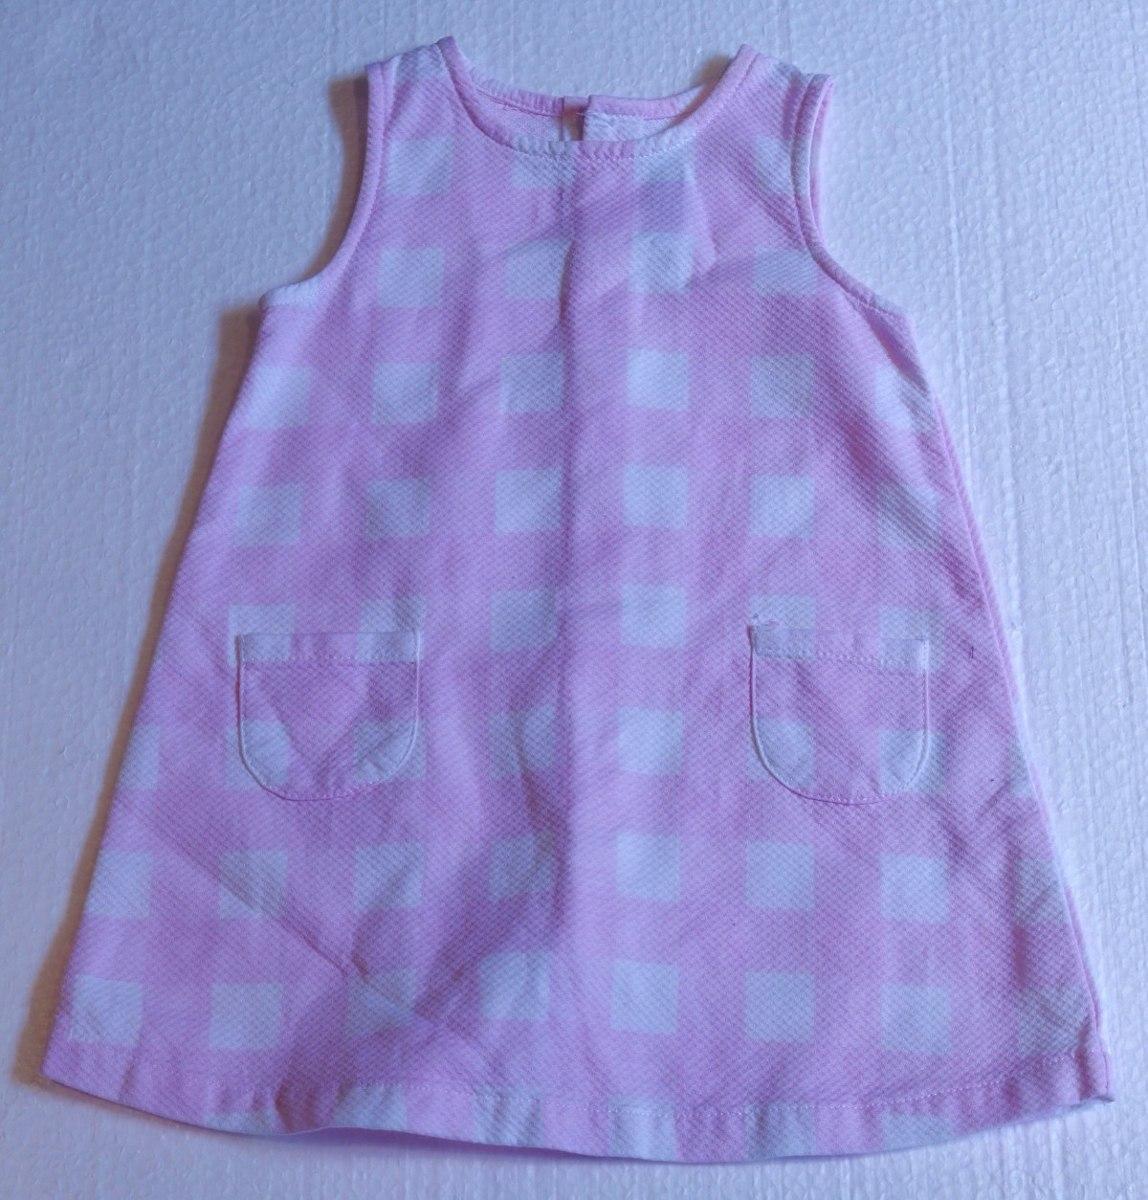 Lujoso Vestido De Partido Del Bebé De Color Rosa Modelo - Ideas de ...